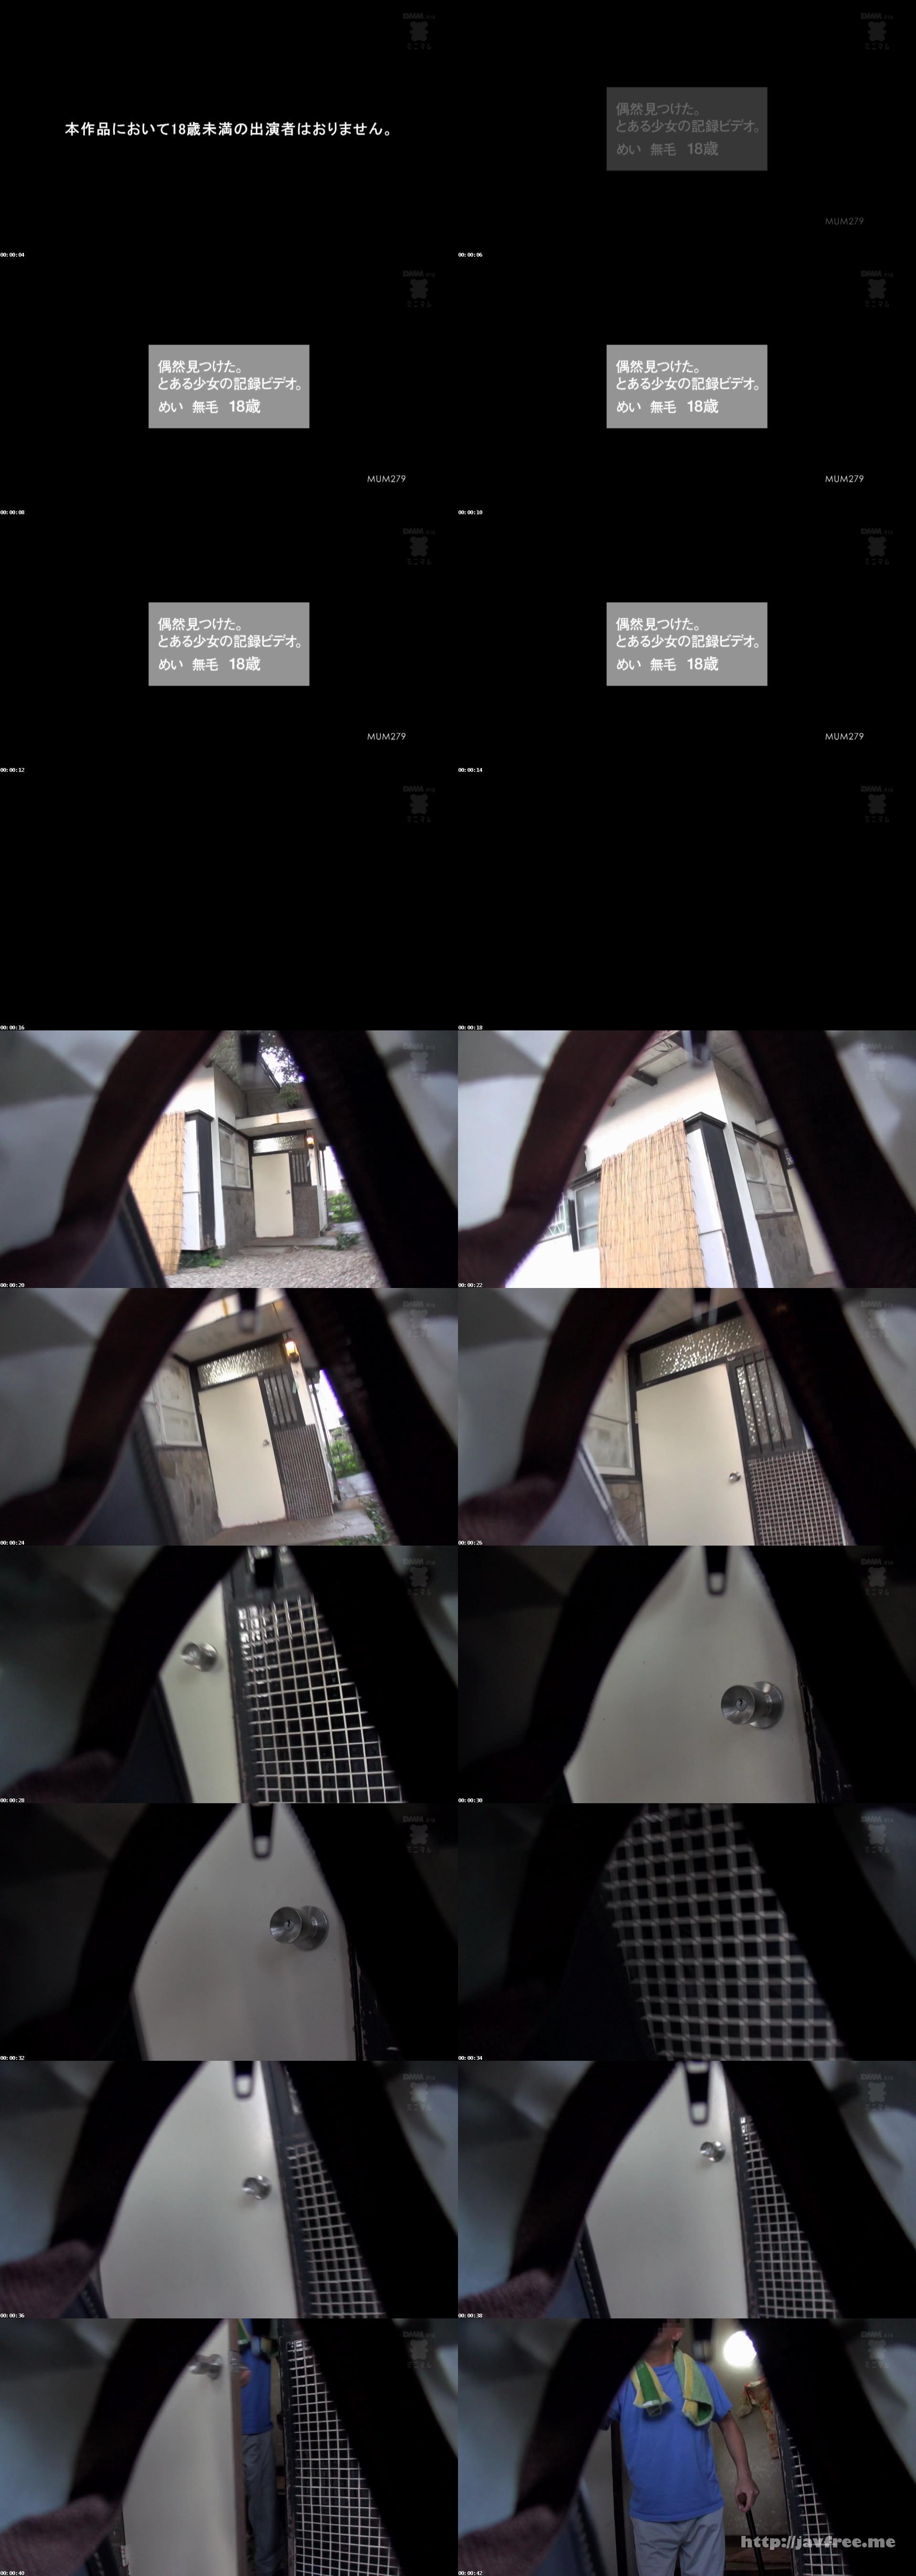 [MUM-279] 偶然見つけた。とある少女の記録ビデオ。めい 無毛